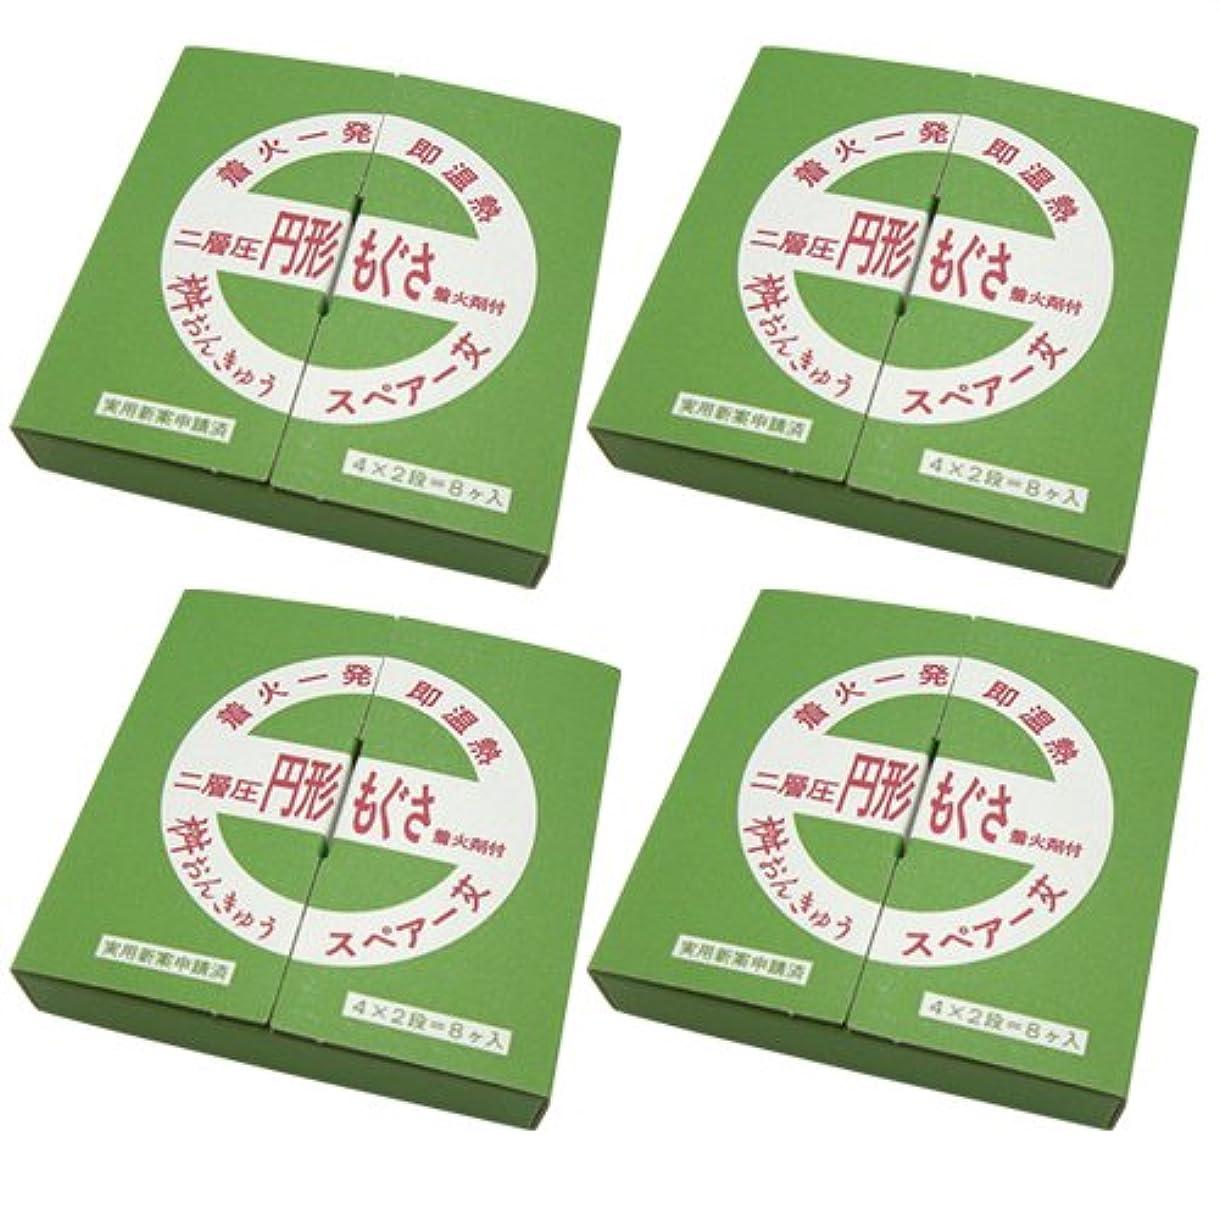 従順一口養う桝おんきゅう用スペアもぐさ 二層圧 円形もぐさ (8ケ) ×4箱セット